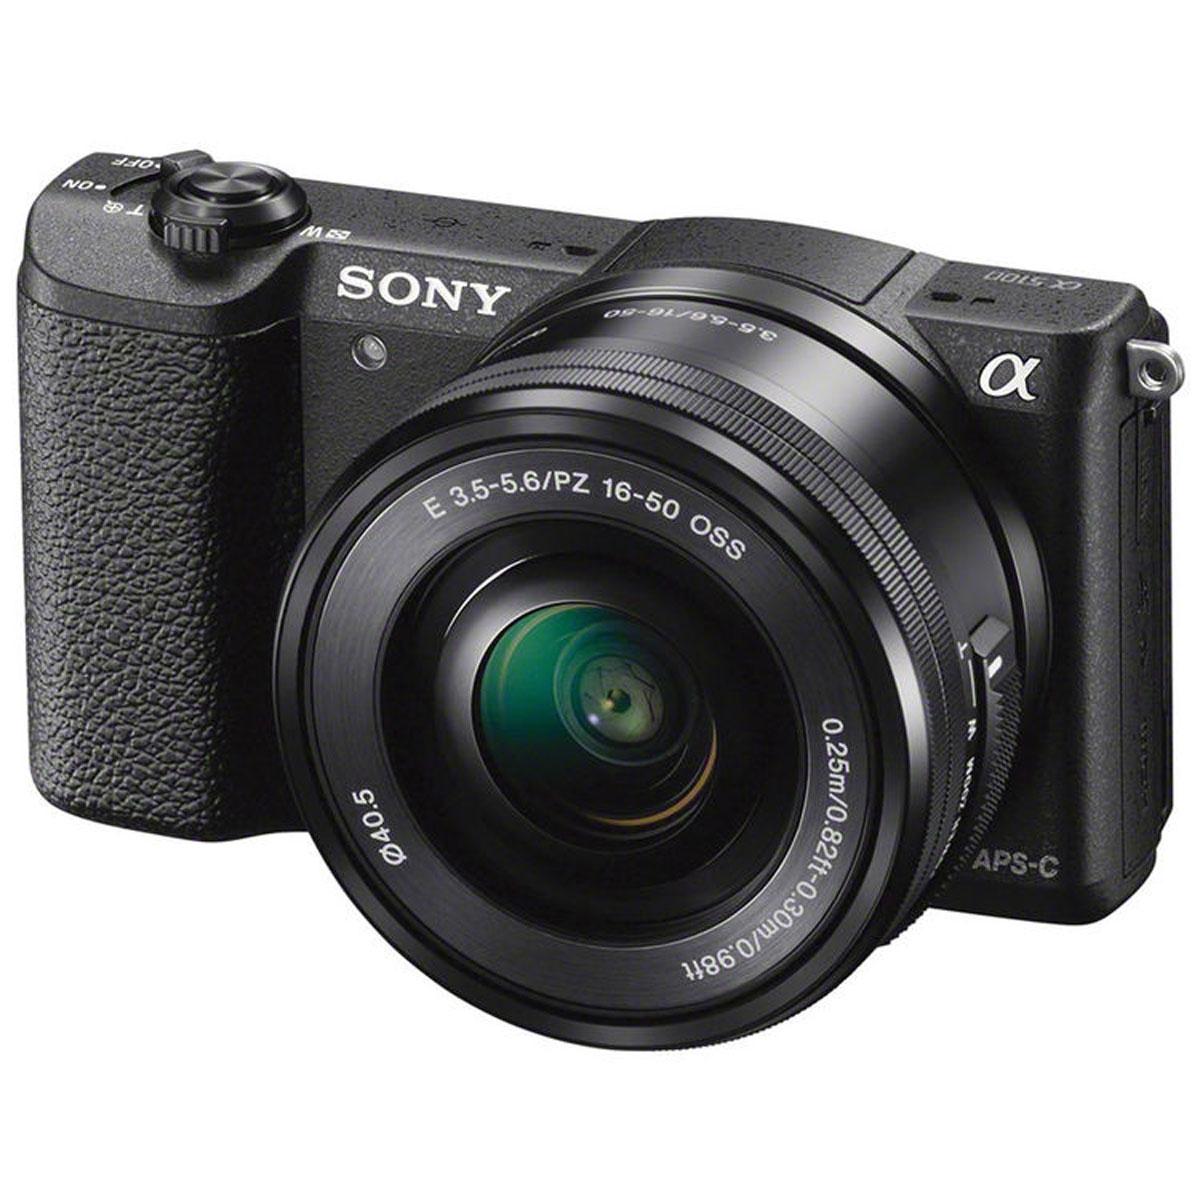 Sony Alpha A5100 Kit 16-50mm E PZ, Black цифровая фотокамераILCE5100LB.CECSony Alpha A5100 - цифровая фотокамера со сменной оптикой для профессиональных результатов. Быстрый гибридный автофокус обеспечивает невероятную четкость и контрастность изображений и видео — вы не упустите ни одного кадра. Технология 4D FOCUS обеспечивает непревзойденную работу системы автофокуса в четырех измерениях: широкая зона охвата (2 измерения по горизонтали и вертикали), скорость работы автофокуса (3-е измерение, глубина) и следящий автофокус с упреждением (4-е измерение, время). Эта компактная камера с несколькими режимами автофокуса позволяет всегда получать потрясающие снимки. Следите за движущимися объектами, настраивайте размер кадра и получайте невероятно точную фокусировку. Совершенная матрица Exmor APS-C CMOS и усовершенствованный процессор изображений BIONZ X Размещение интегральных линз без зазоров оптимизирует светосилу и минимальный уровень шума. Улучшенный процессор использует алгоритм понижения шума для фотографий при...